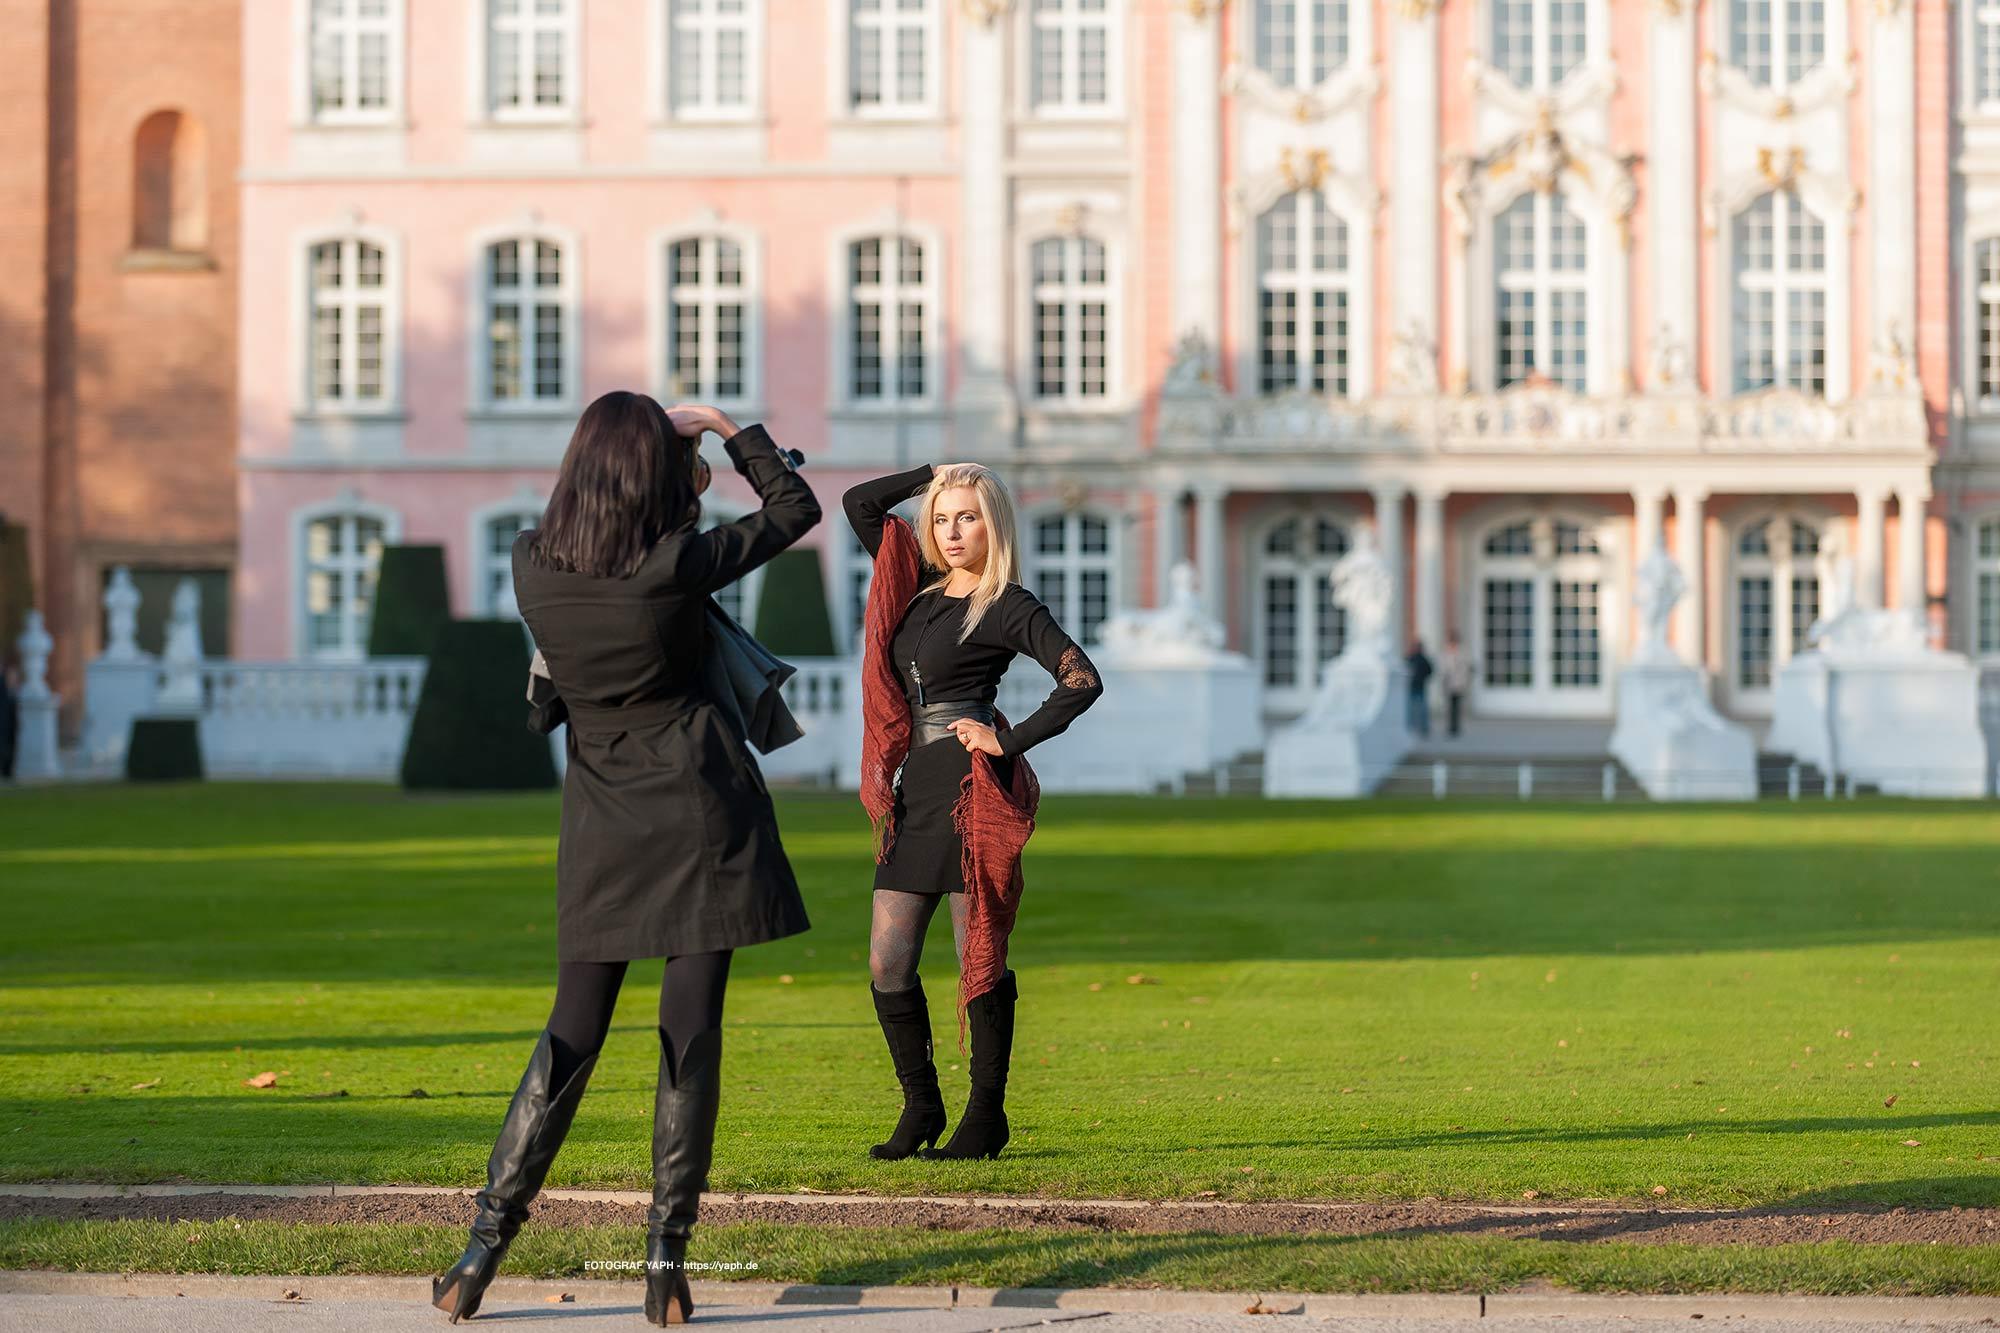 Beauty Fotoshooting mit dem Team von Fotograf Yaph im Fotostudio oder draußen ganz nach deinem Geschmack.